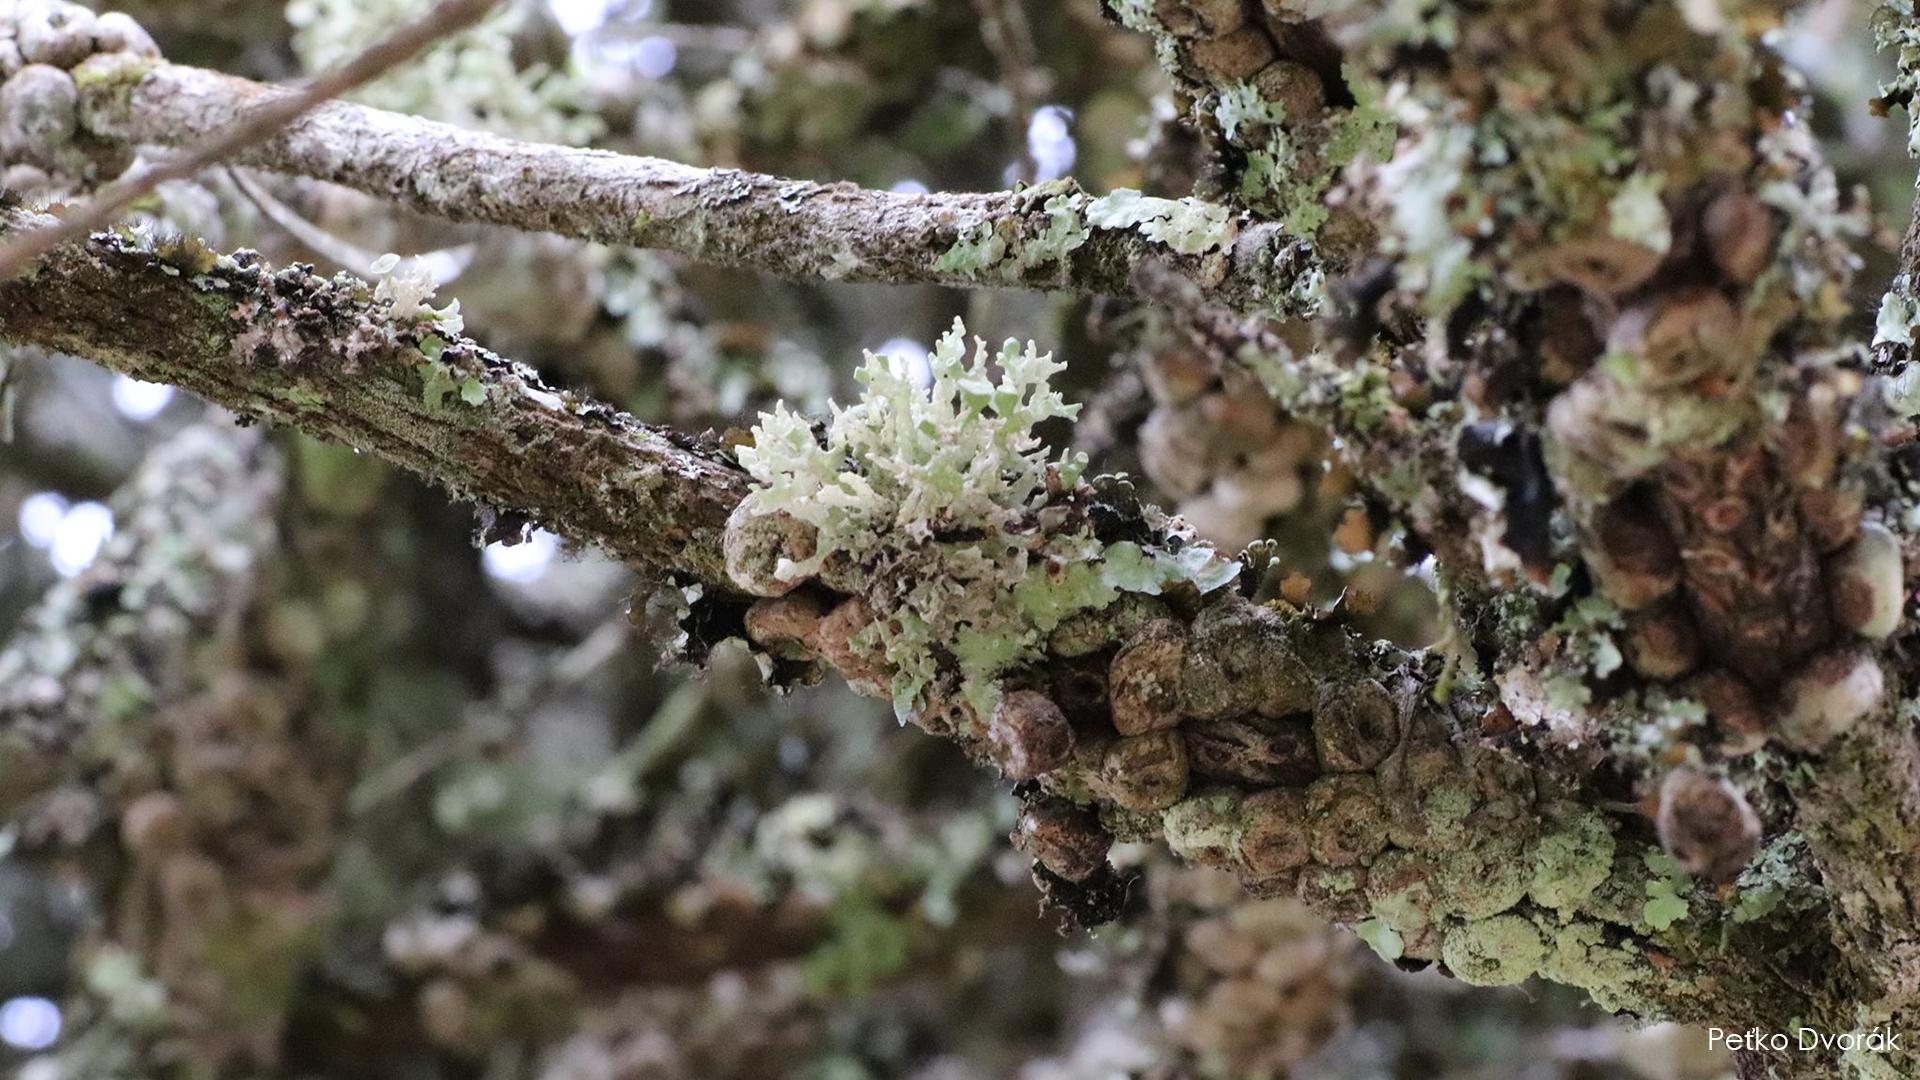 T laterispinis habitat